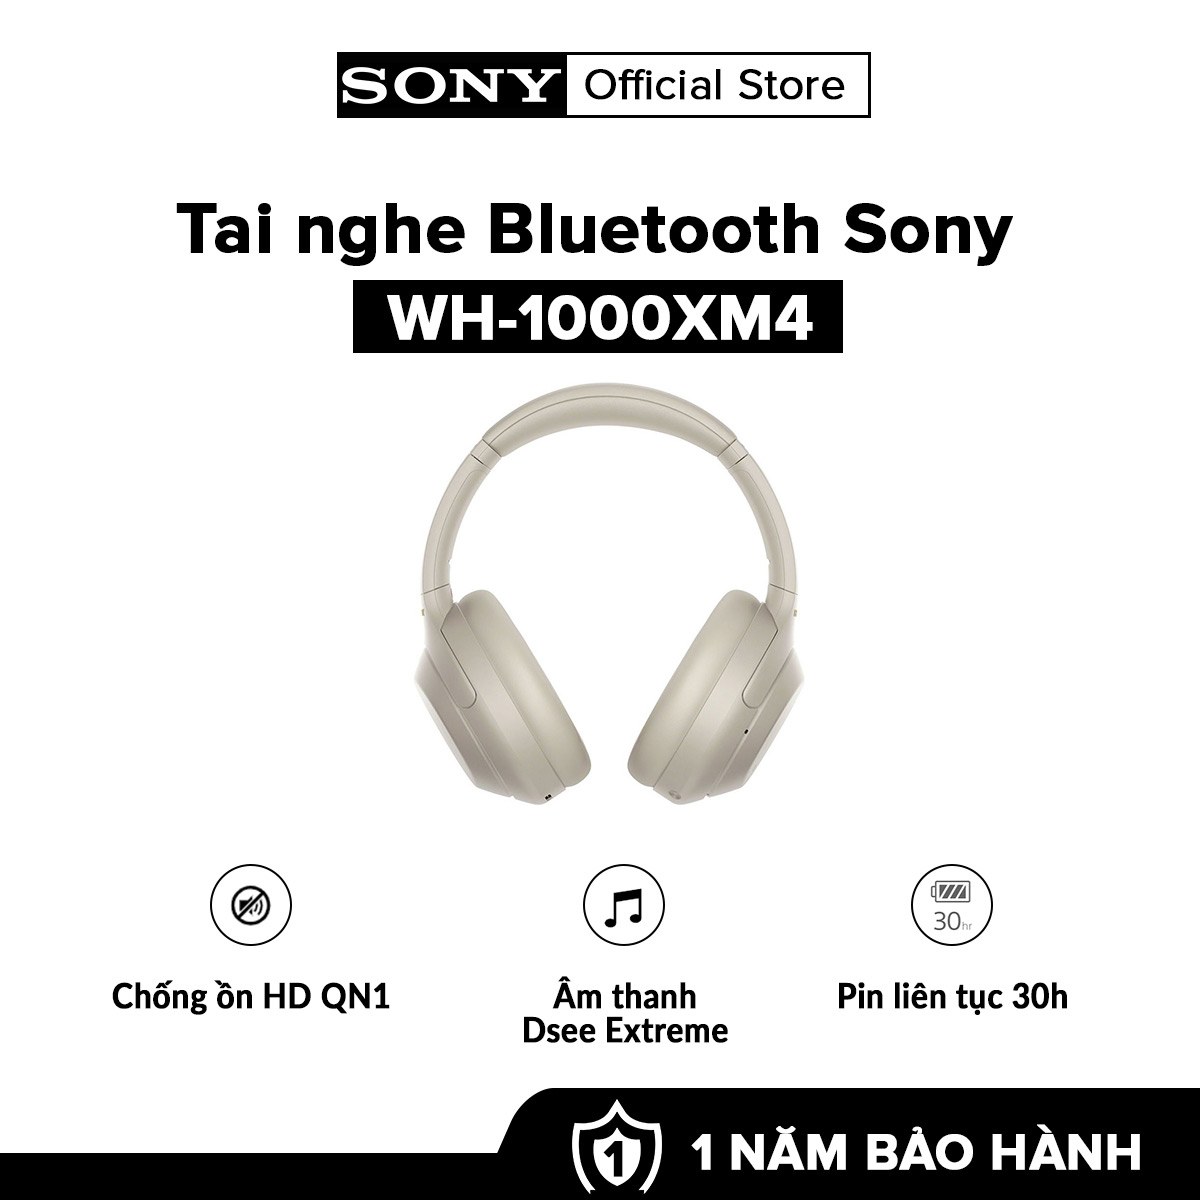 [HÀNG CHÍNH HÃNG - TRẢ GÓP 0%]  Tai nghe True Wireless Sony WH-1000XM4 l Chống ồn HD QN1 l Âm thanh DSEE Extreme™ và LDAC l Kết nối Bluetooth & NFC l Pin 30h